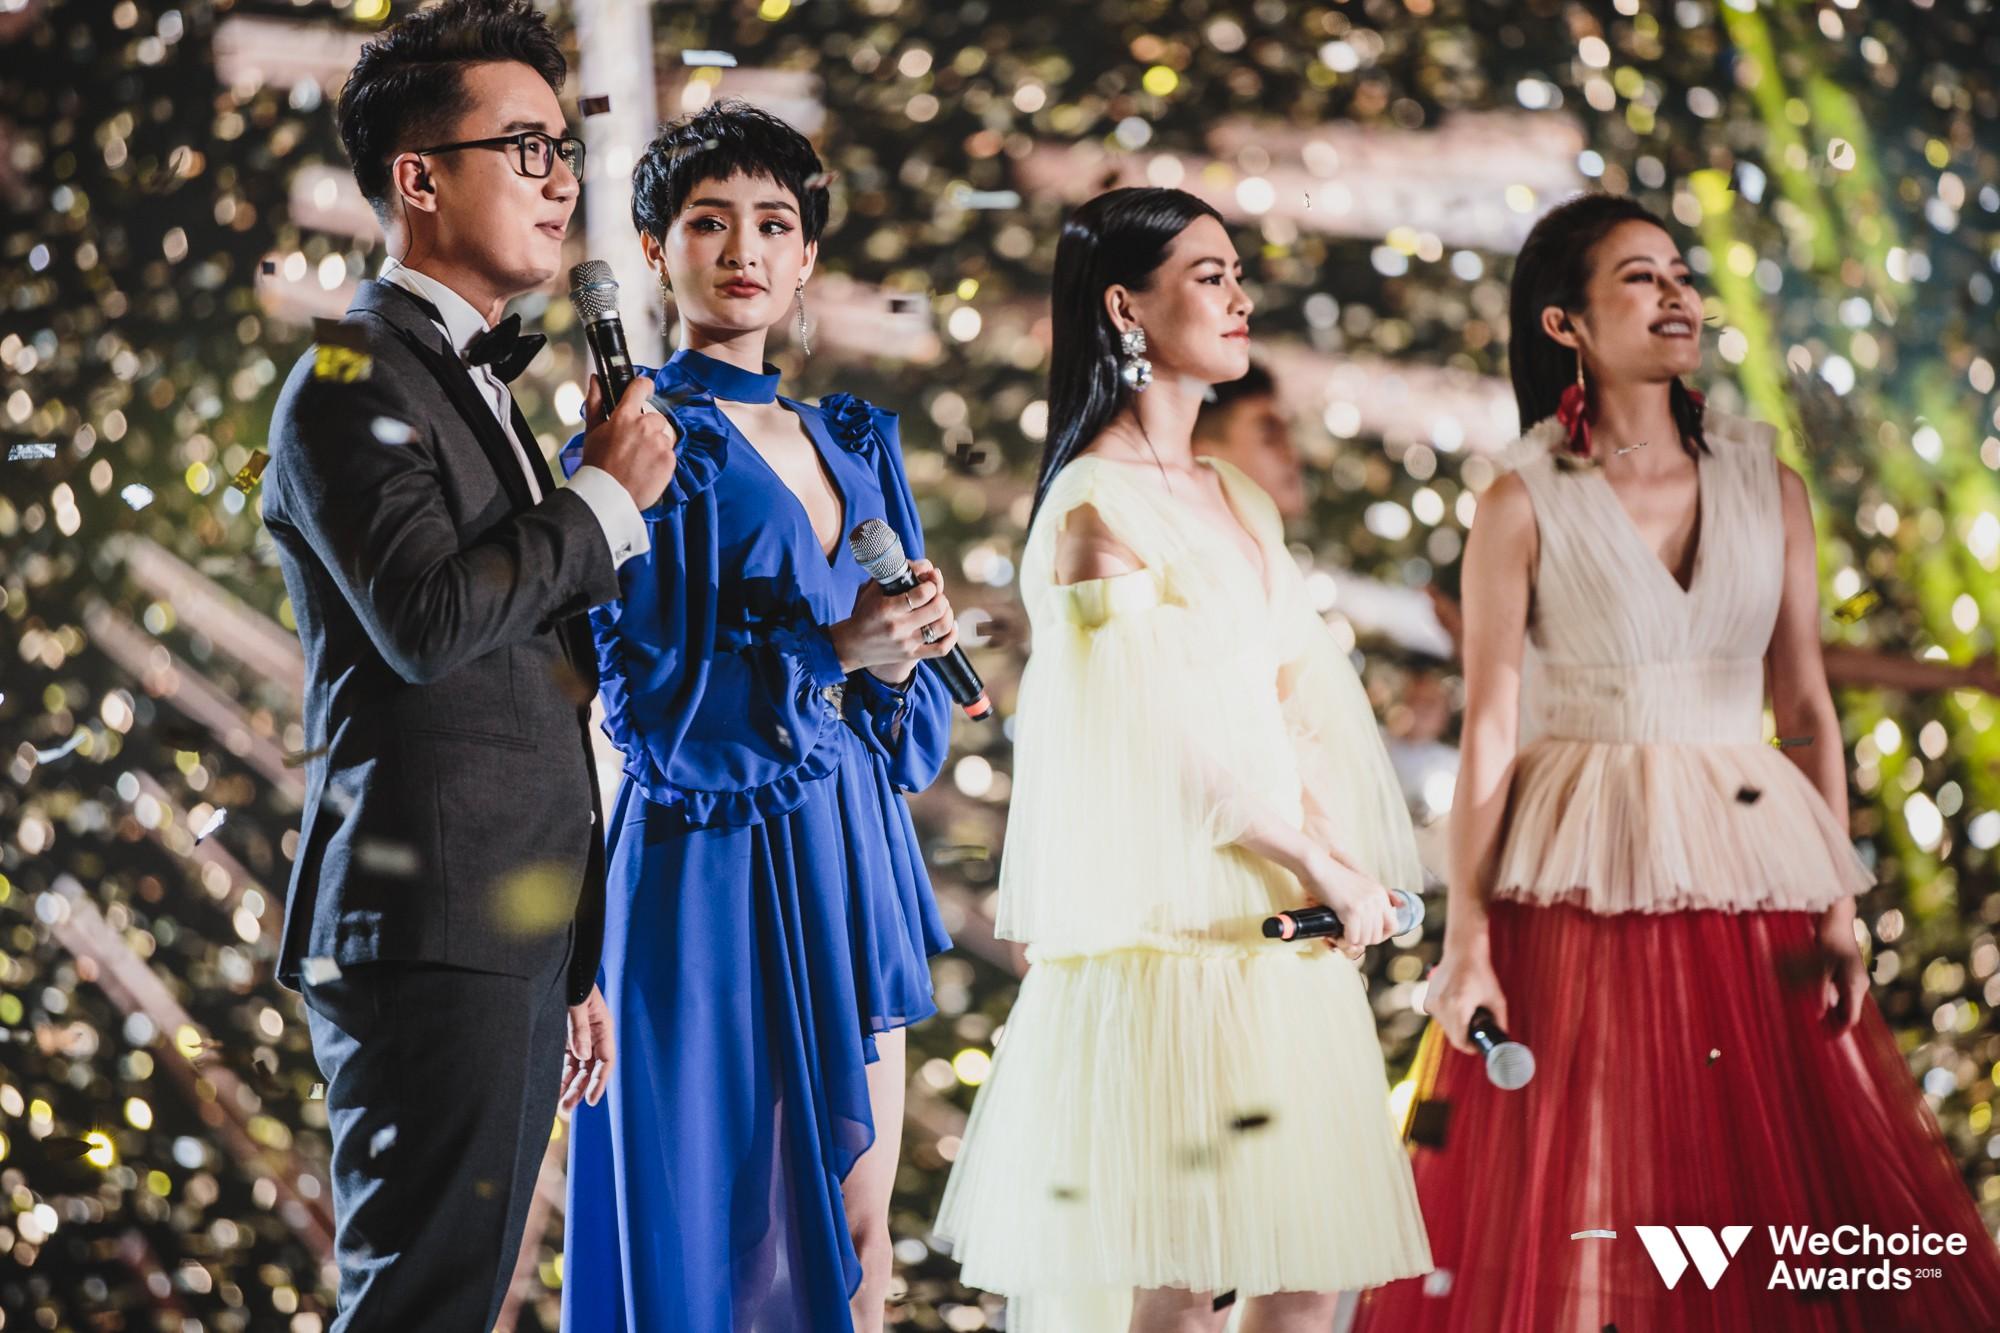 Clip: Tất tần tật các sân khấu đã tai mãn nhãn trong đêm Gala WeChoice Awards 2018 - Ảnh 33.